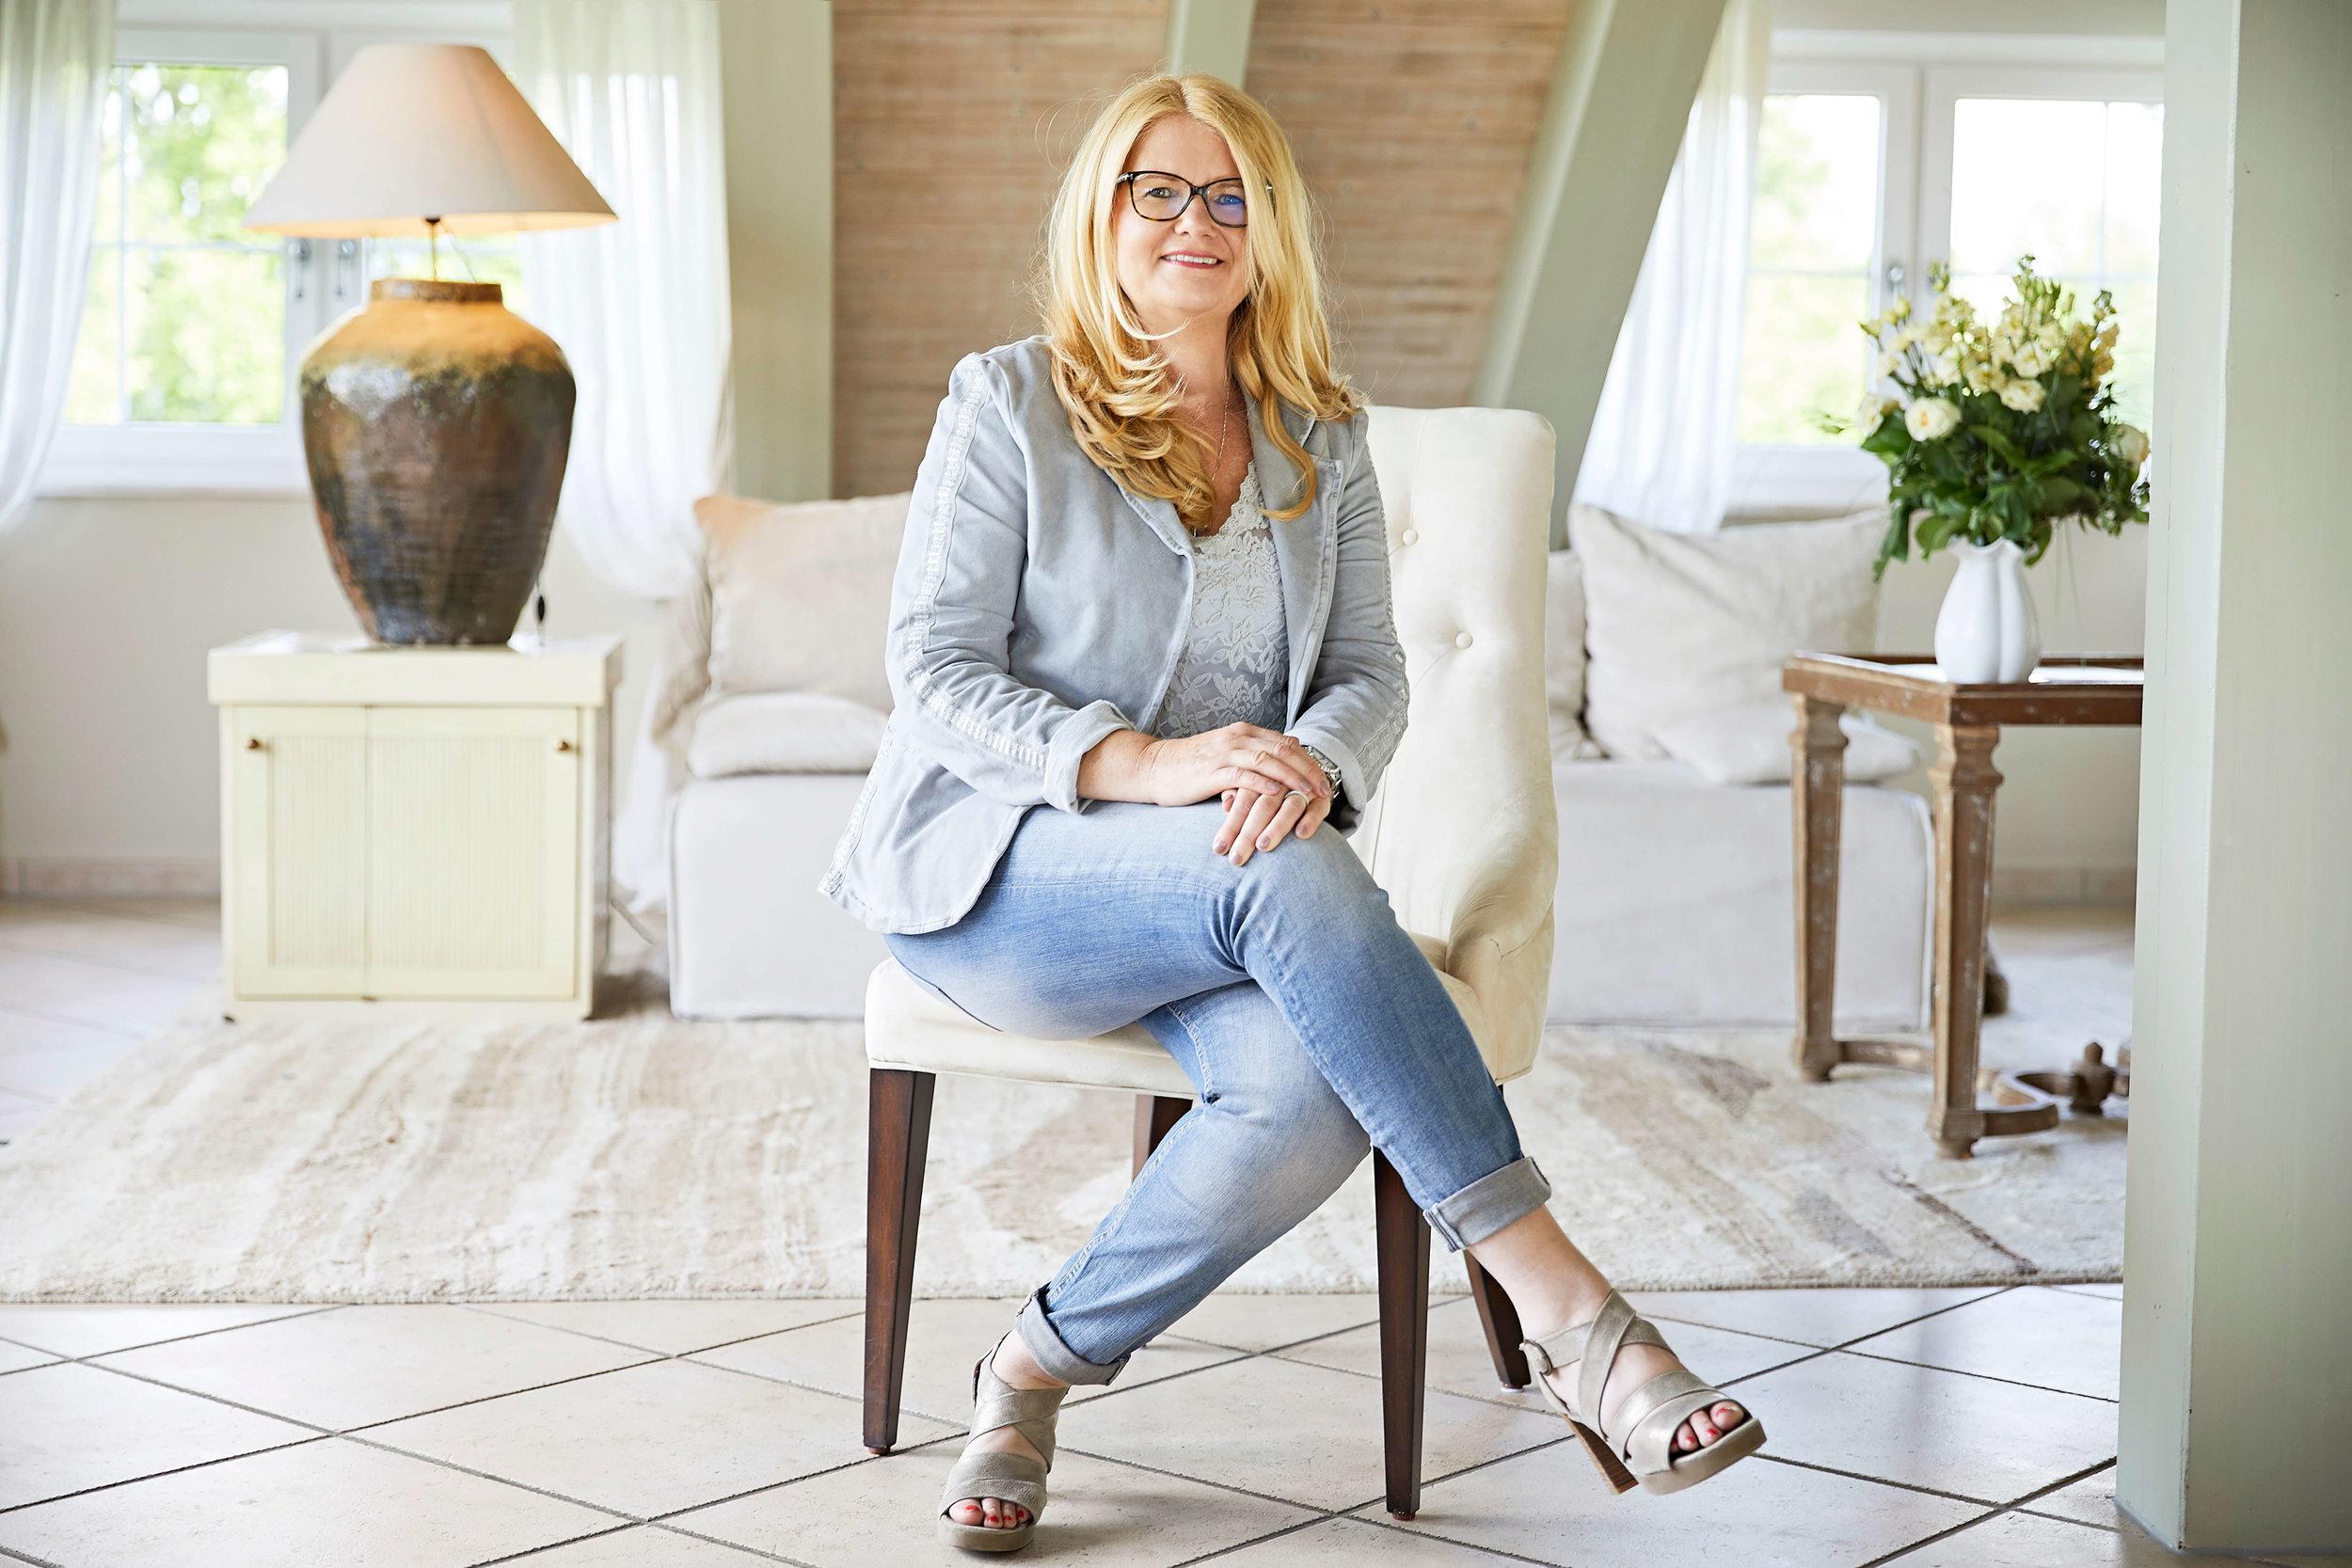 Persoanla Brand Fotoshooting mit Brigitte Rieger von  Immoagenda